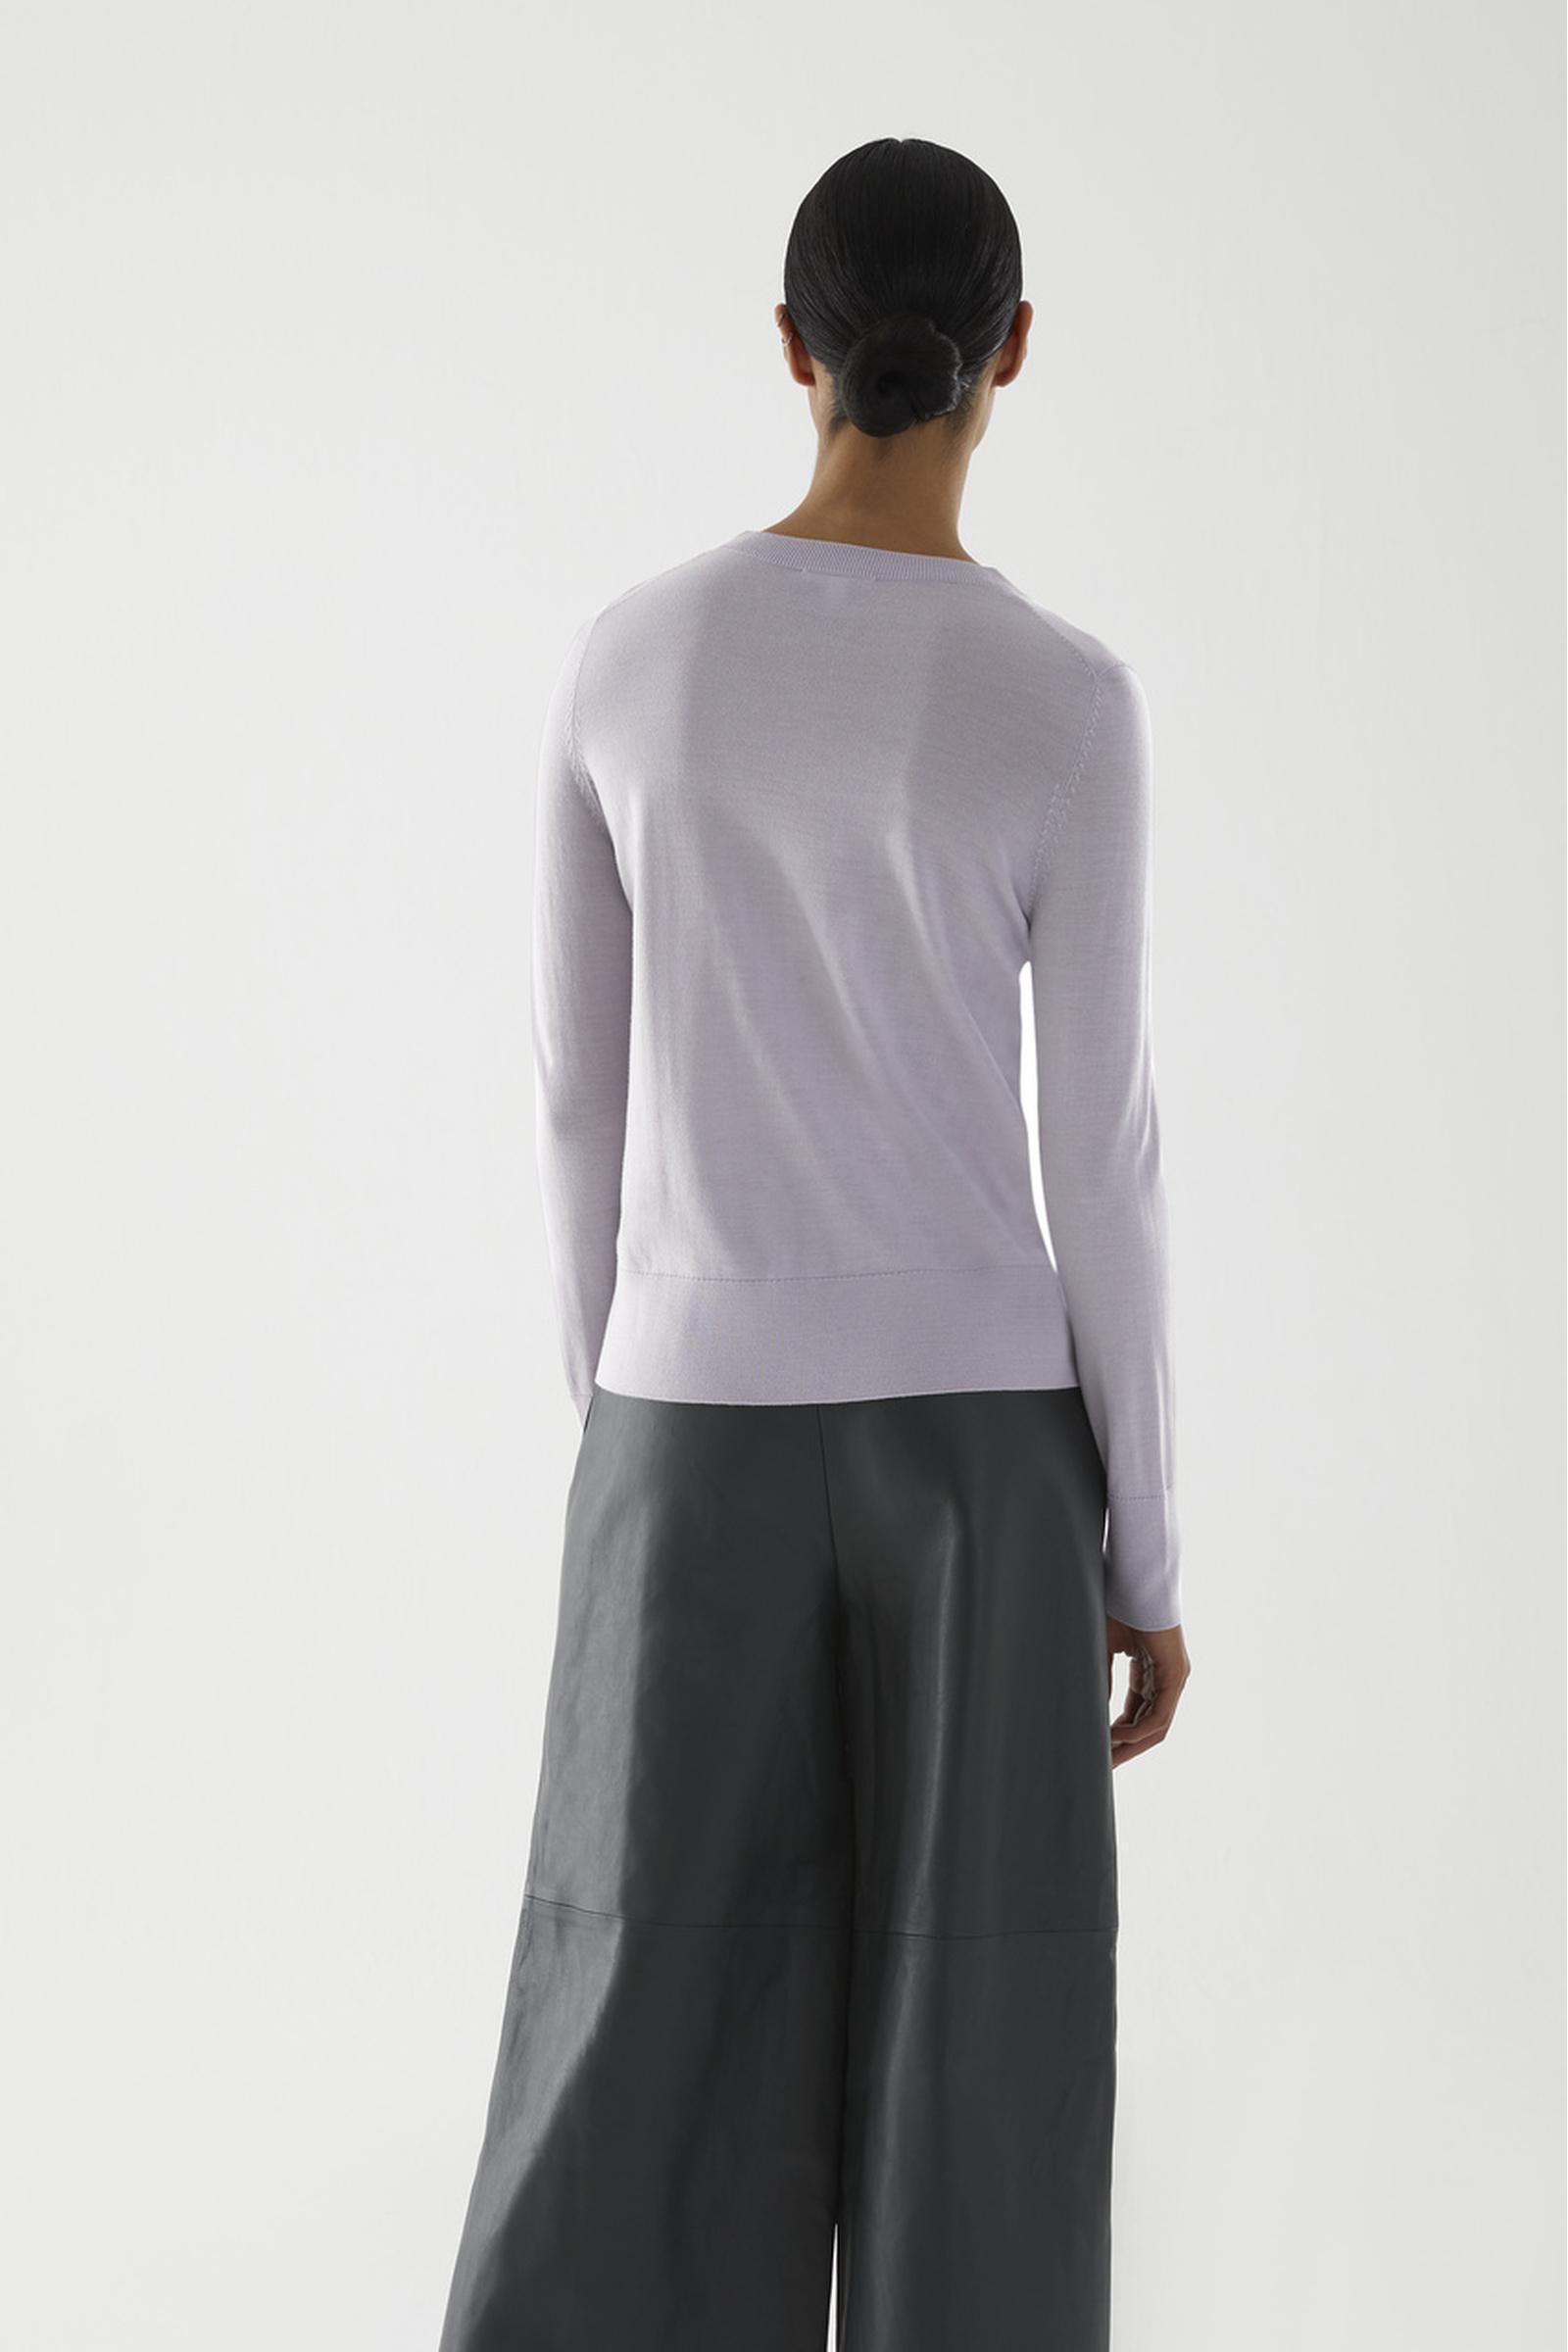 COS 메리노 울 크루넥 스웨터의 퍼플컬러 ECOMLook입니다.